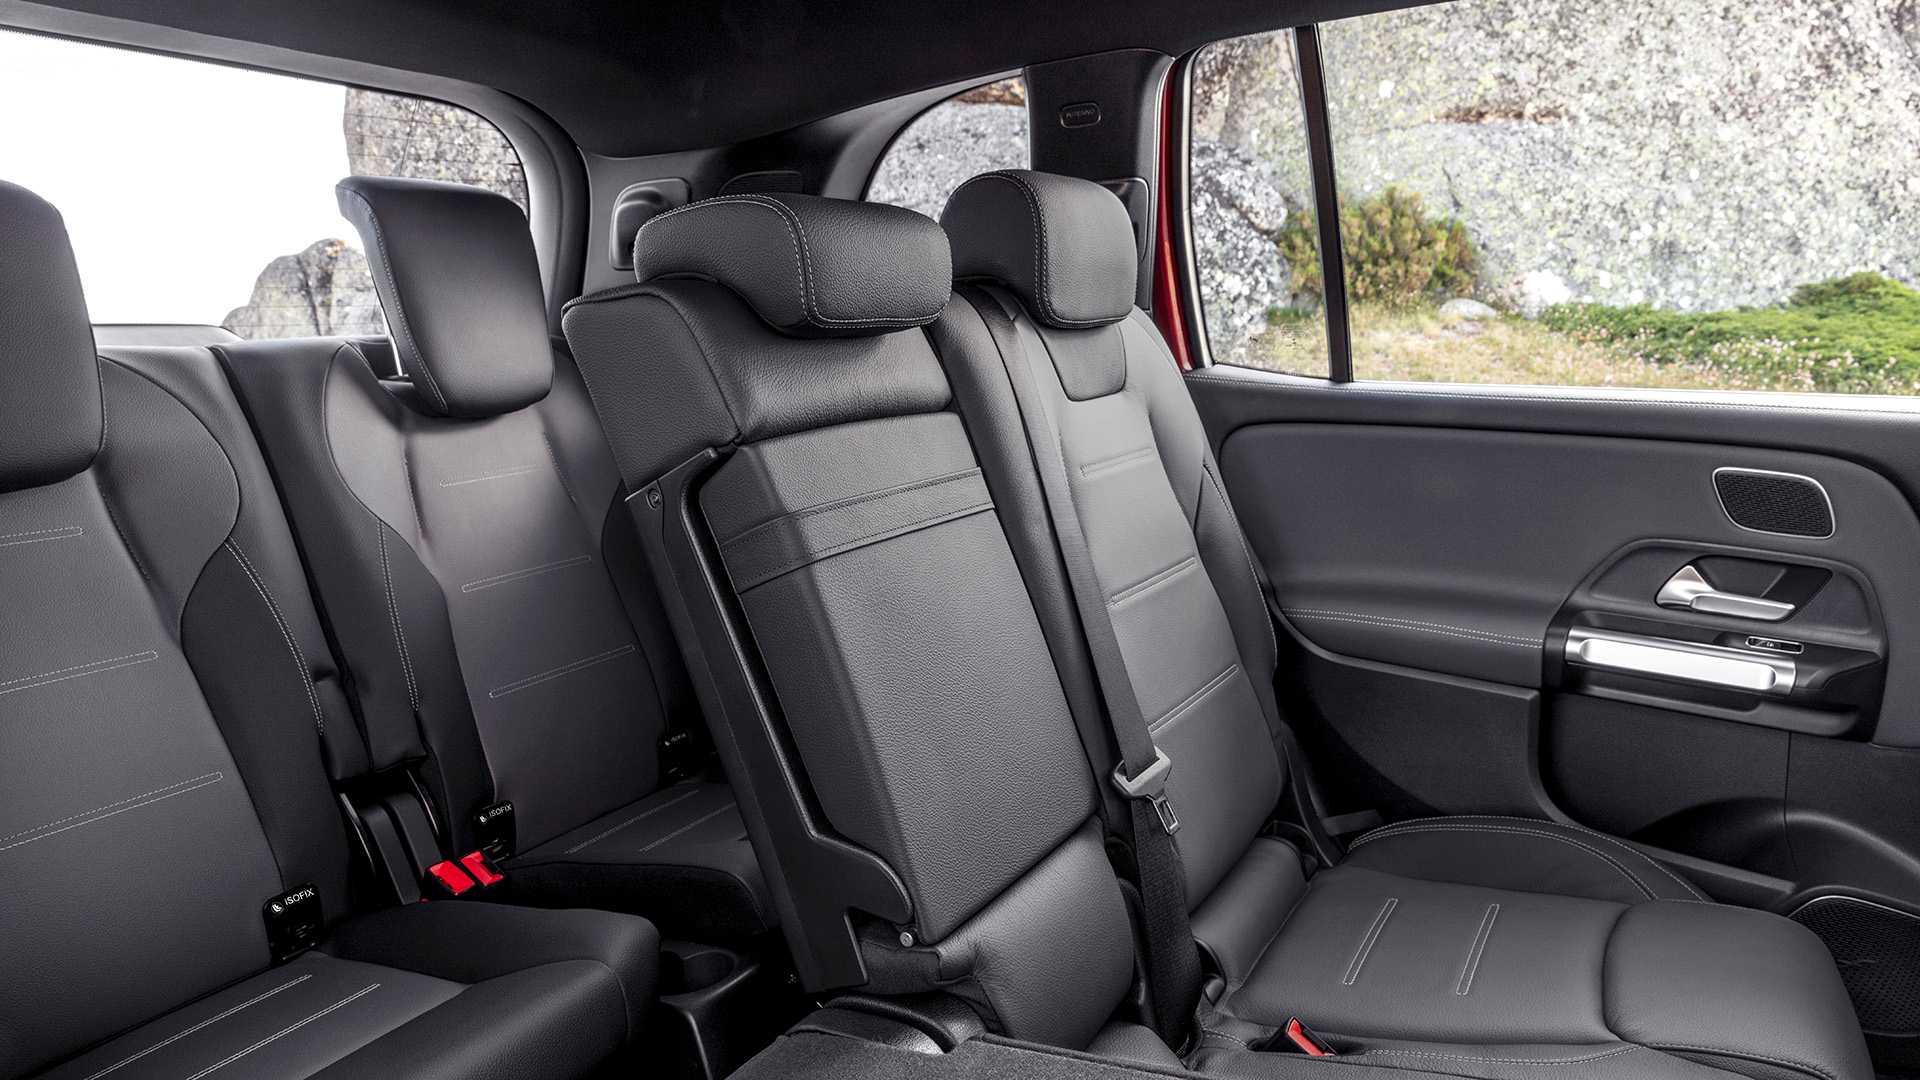 Mercedes-AMG GLB 35 - SUV cỡ nhỏ 7 chỗ mạnh hơn 300 mã lực 20